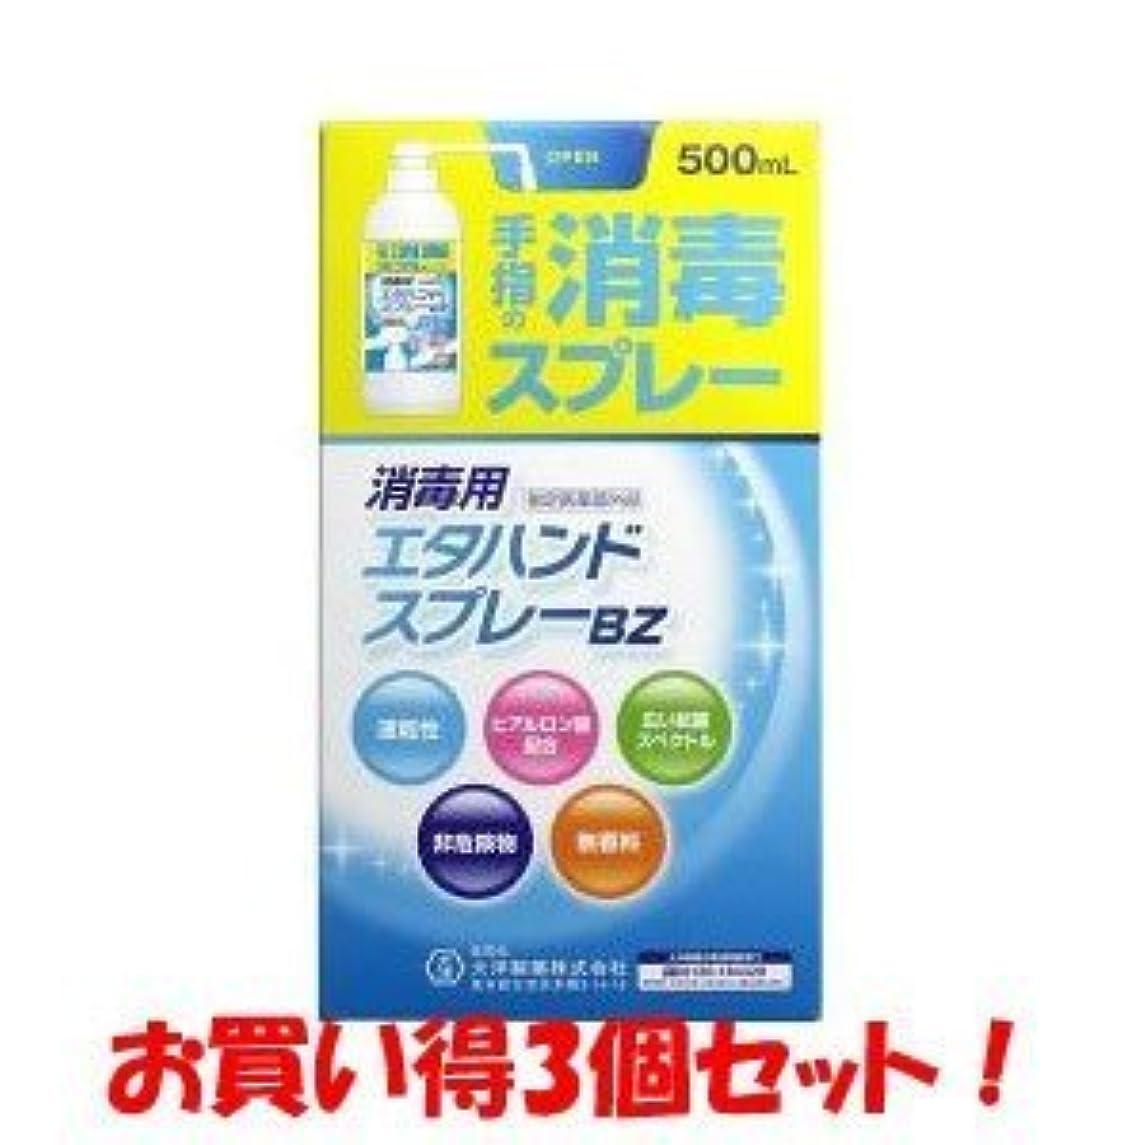 垂直接続田舎(大洋製薬)大洋製薬 消毒用エタハンドスプレーBZ 500ml(医薬部外品)(お買い得3個セット)